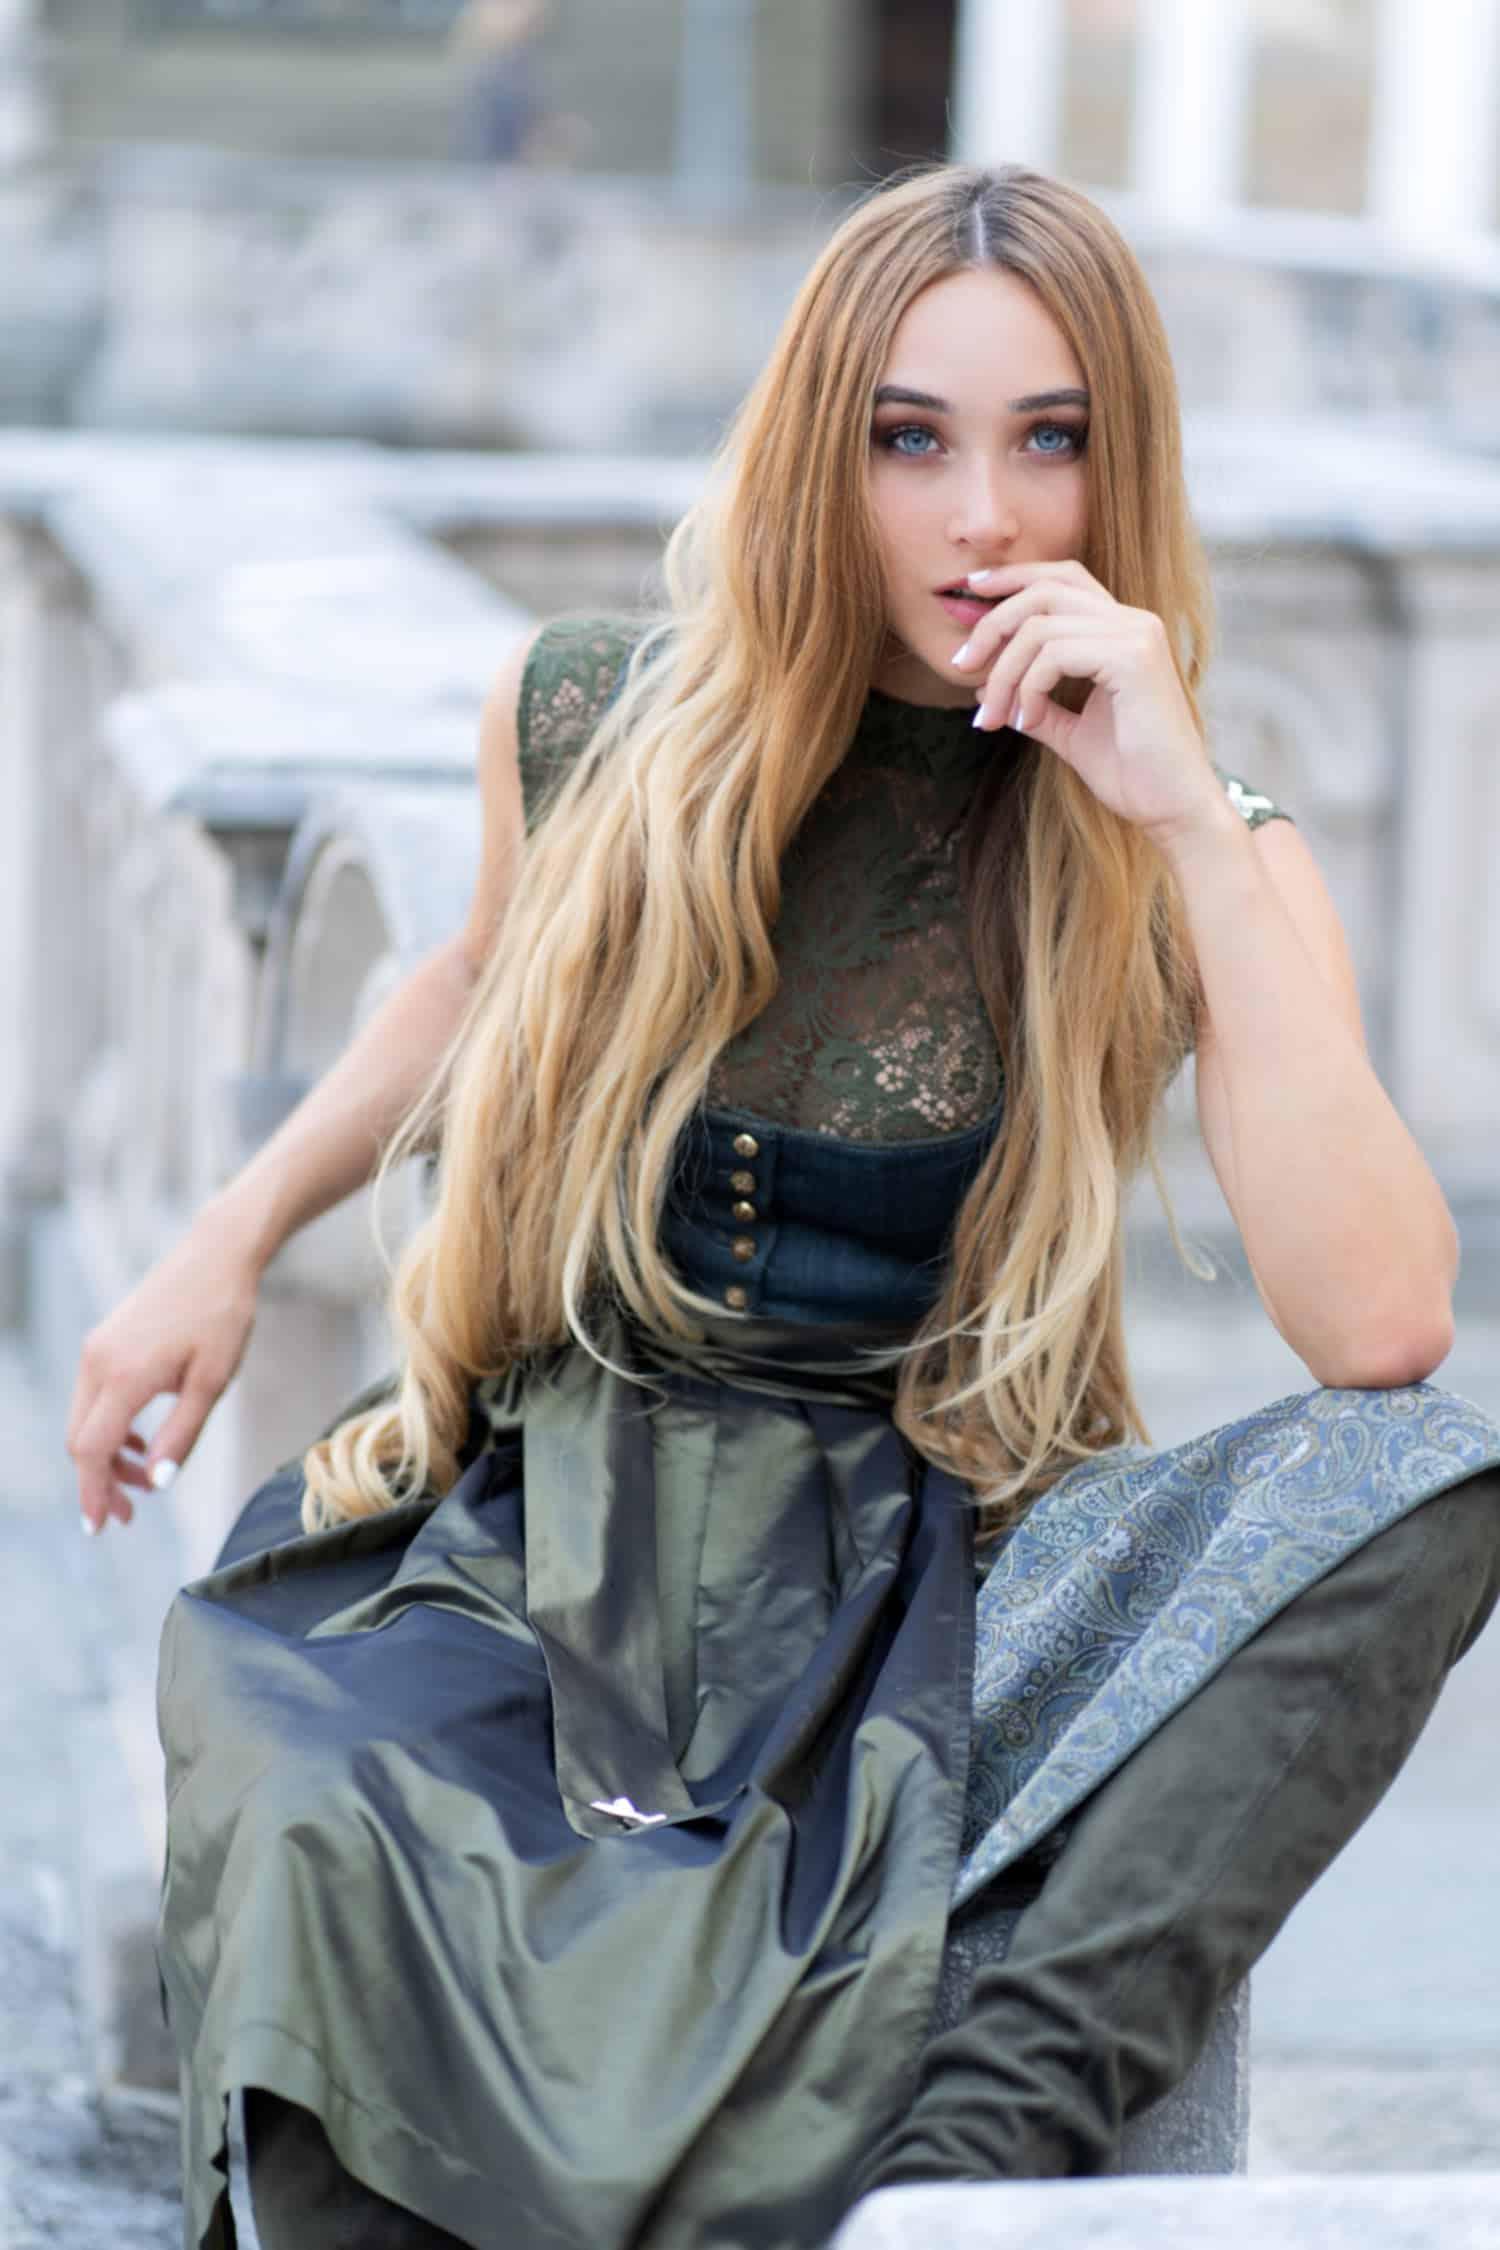 Alpenherz Dirndl Donna in grau mit Dirndlbluse Aileen aus hochwertiger Spitze in oliv